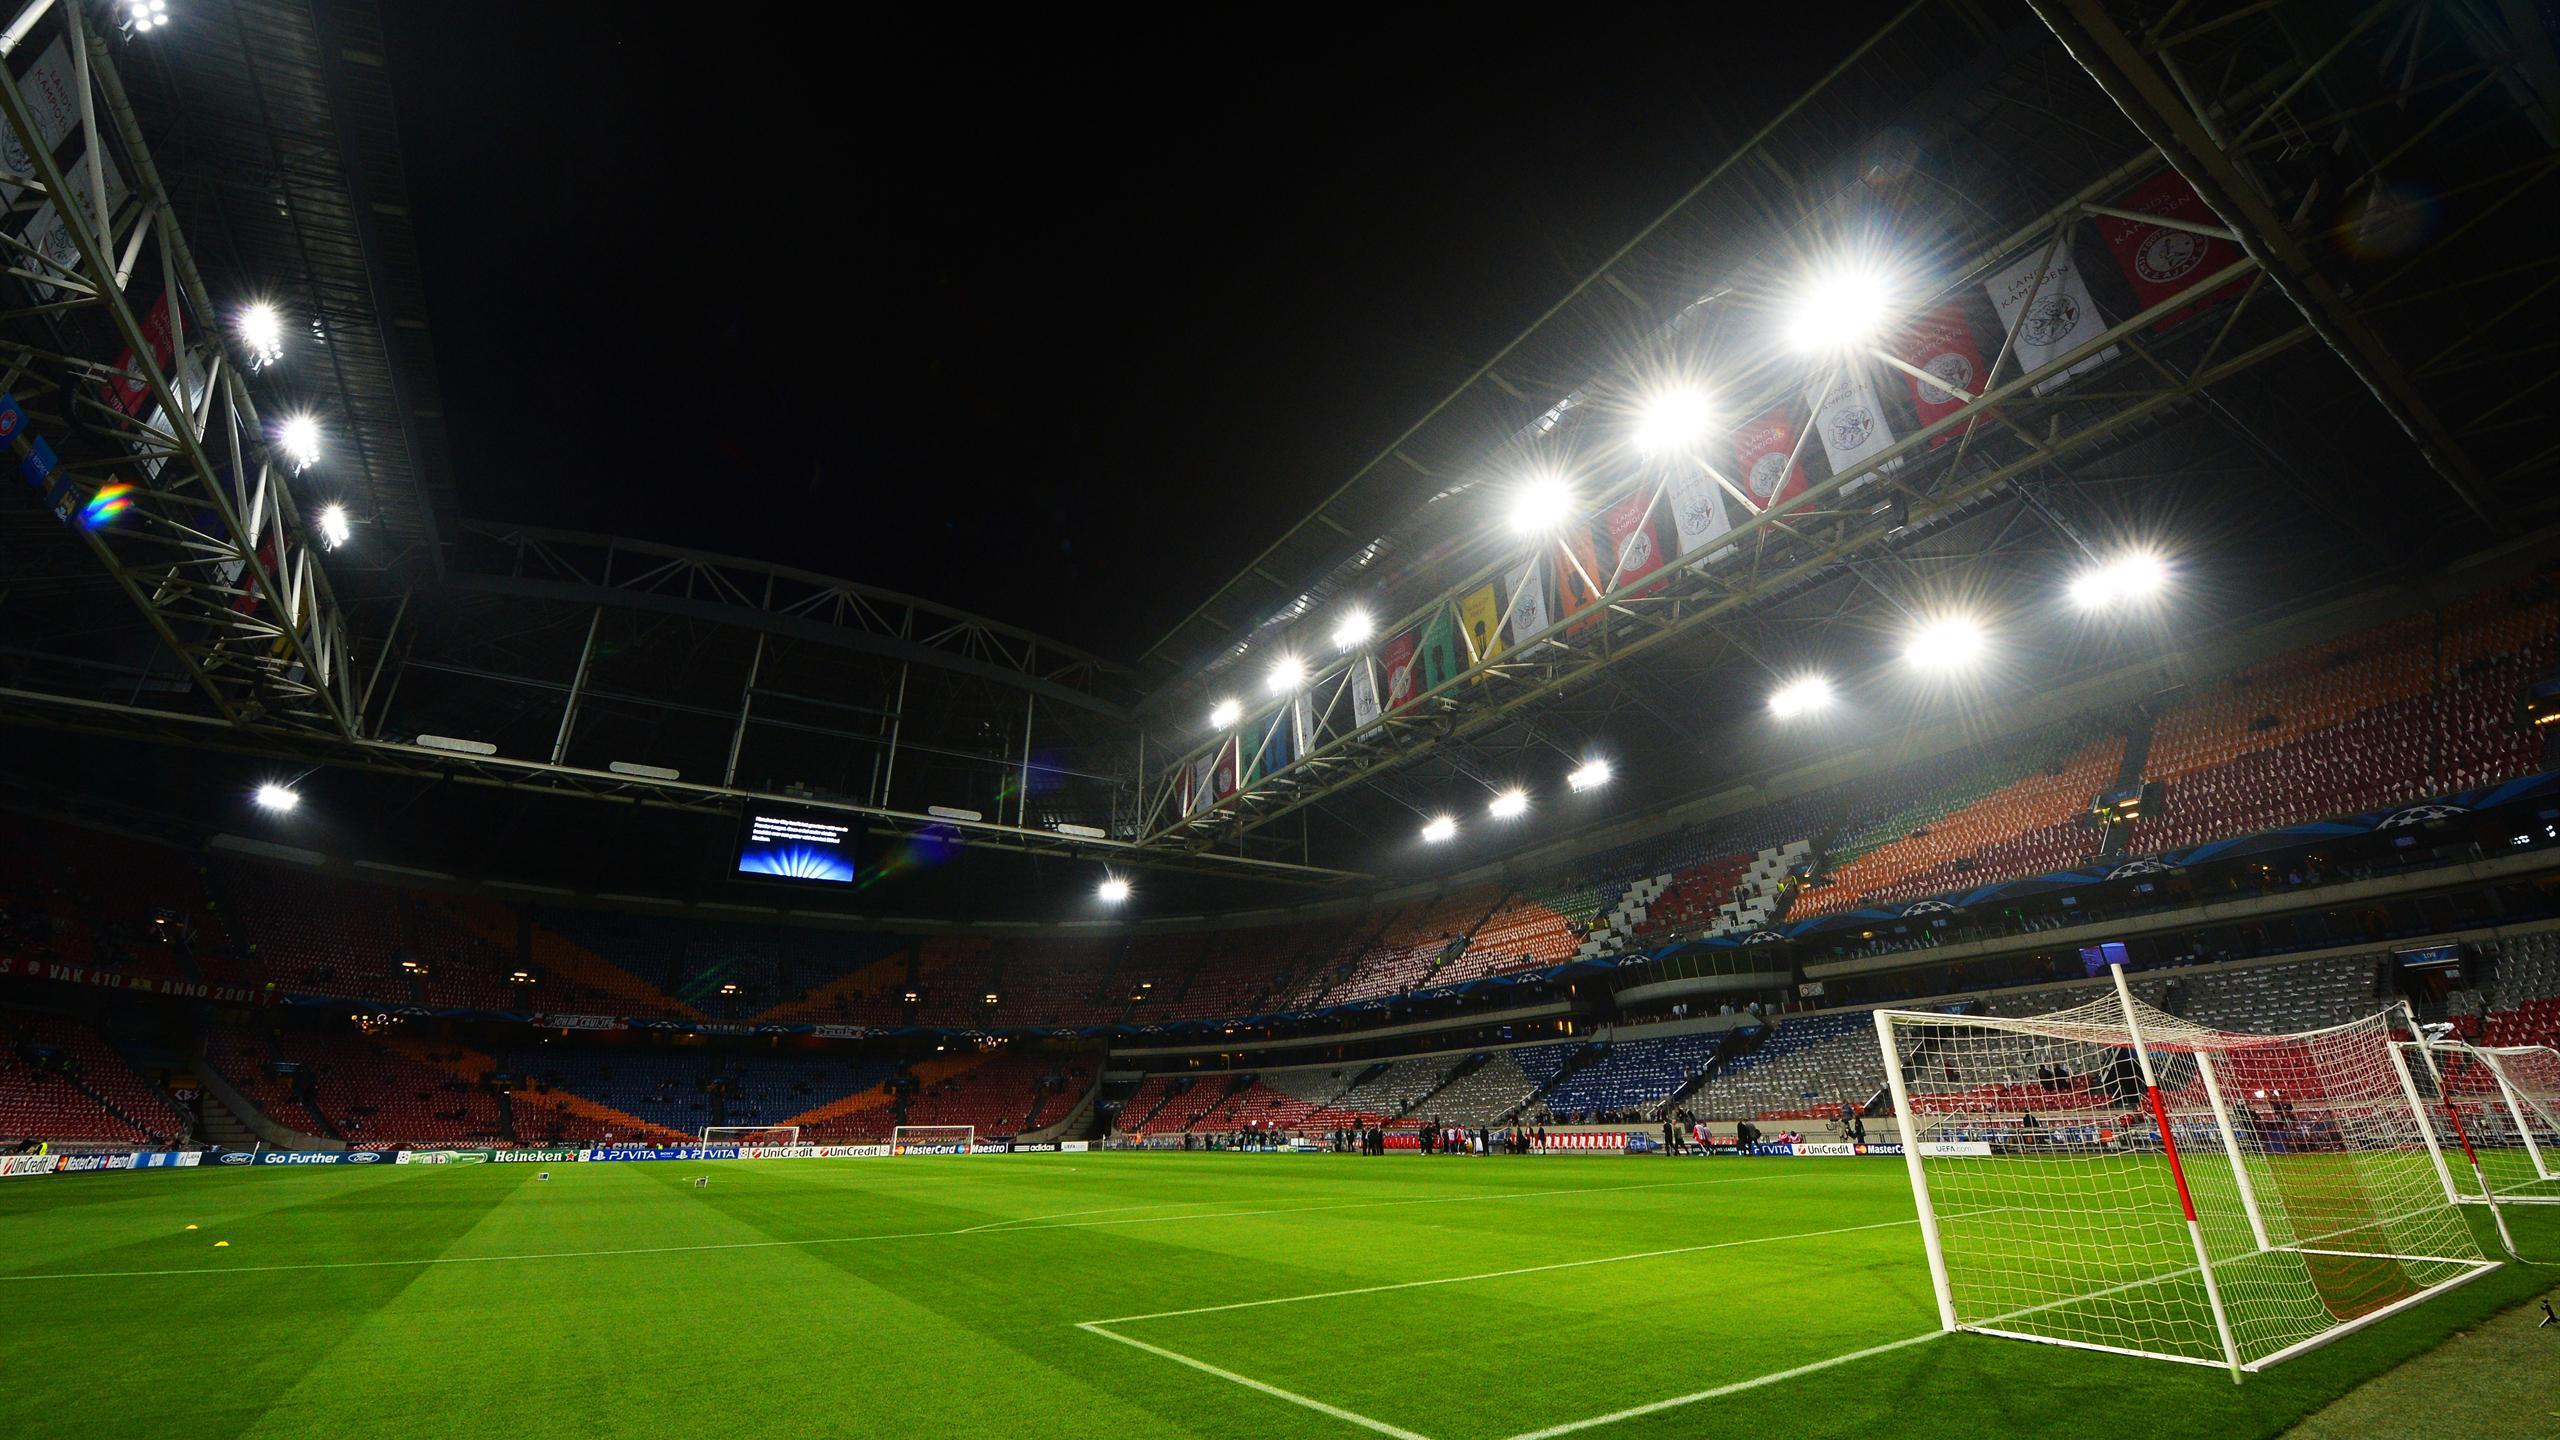 FOOTBALL MASCULIN CHAMPIONNAT D'EUROPE 2020 1316814-28329509-2560-1440